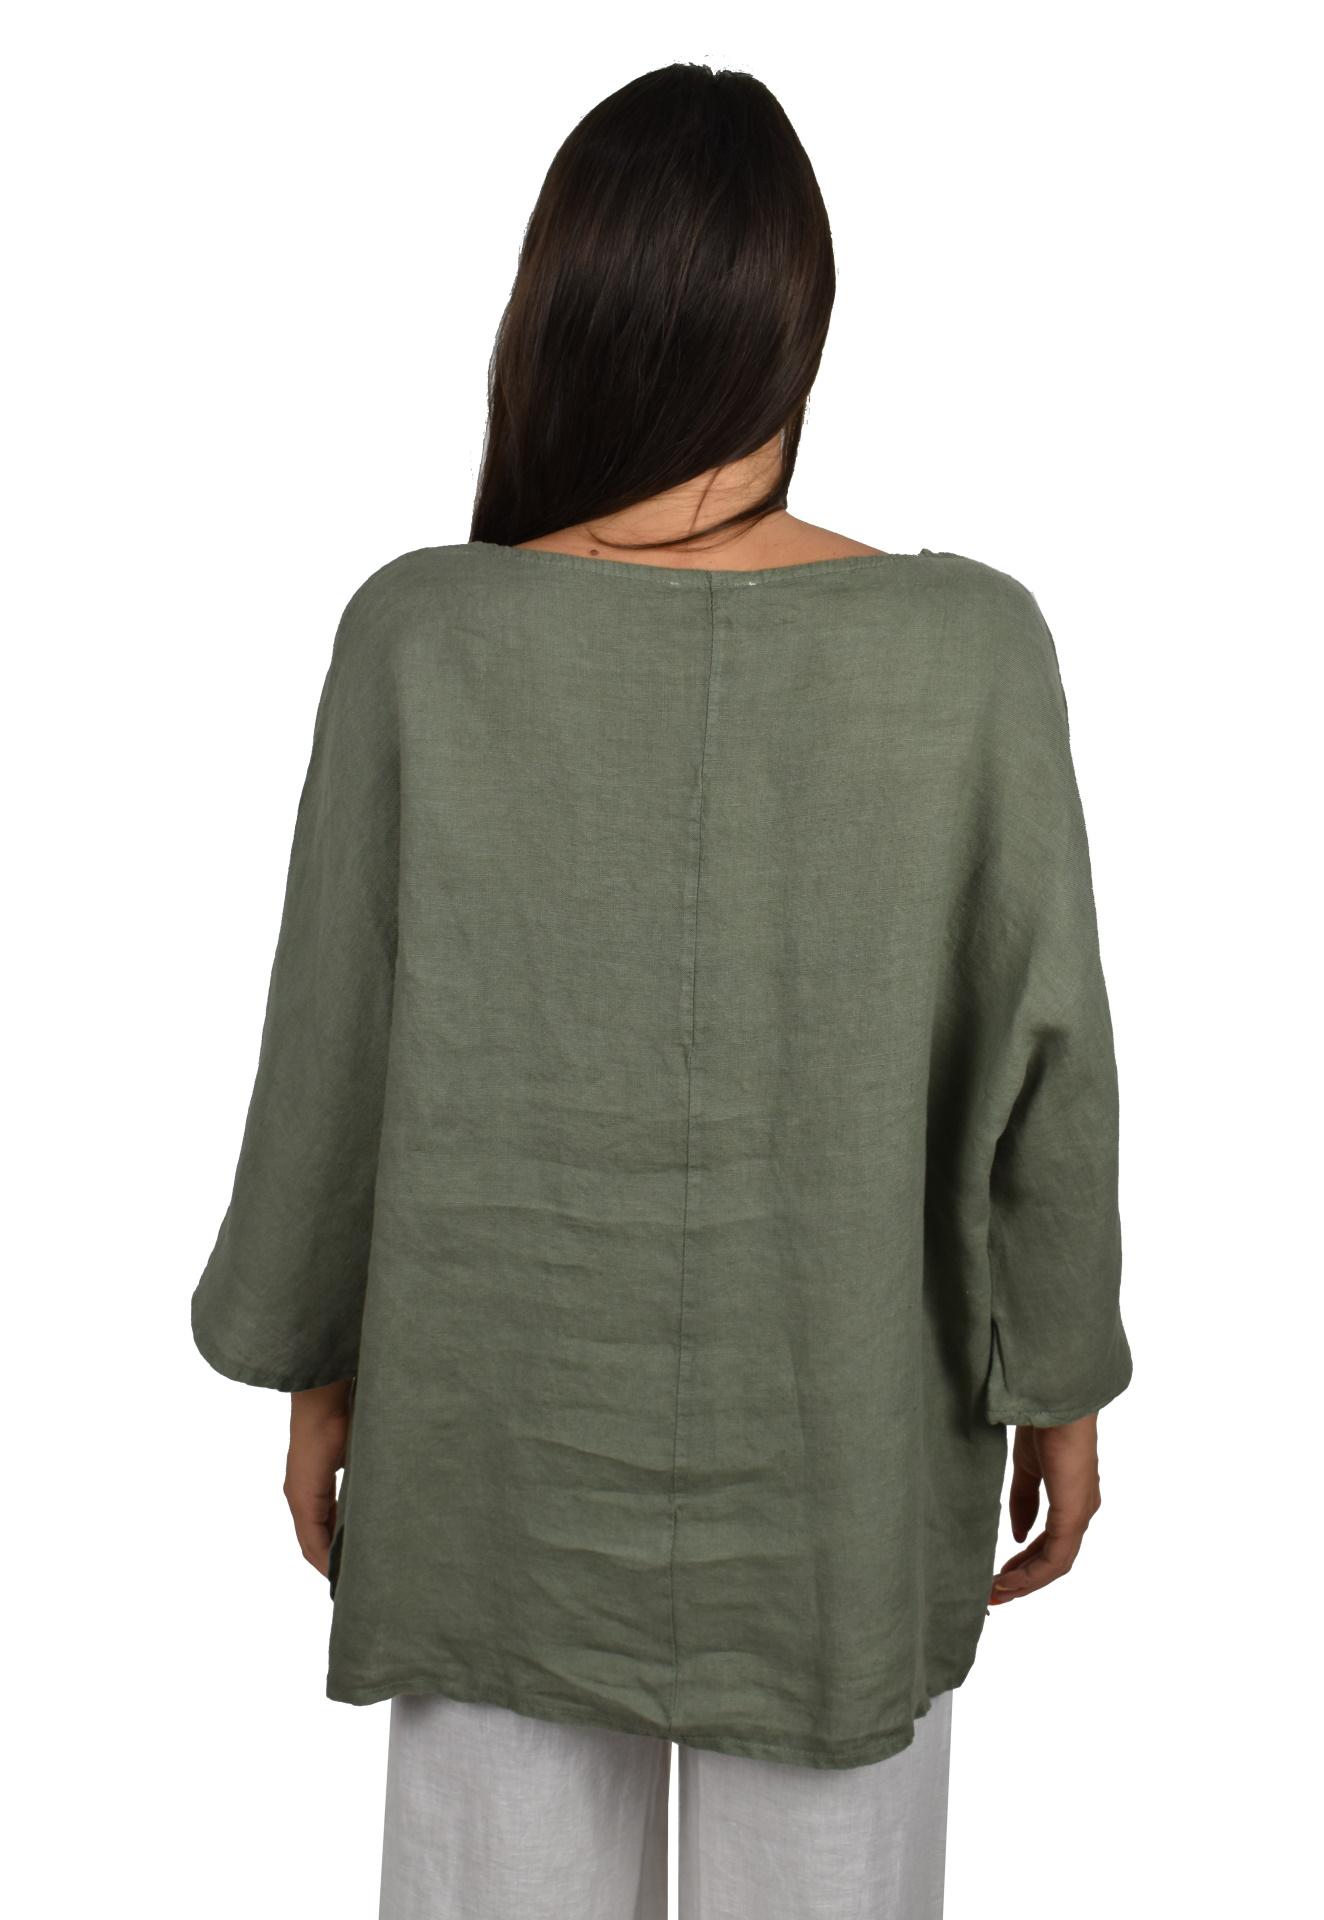 MAGMAXPE2101 ARMY MAGLIA DA DONNA GIROCOLLO CON MANICA A 34 100 LINO 1 1stAmerican maglia da donna girocollo con manica a 3/4 100% lino Made in Italy - t-shirt manica corta da donna mare in lino